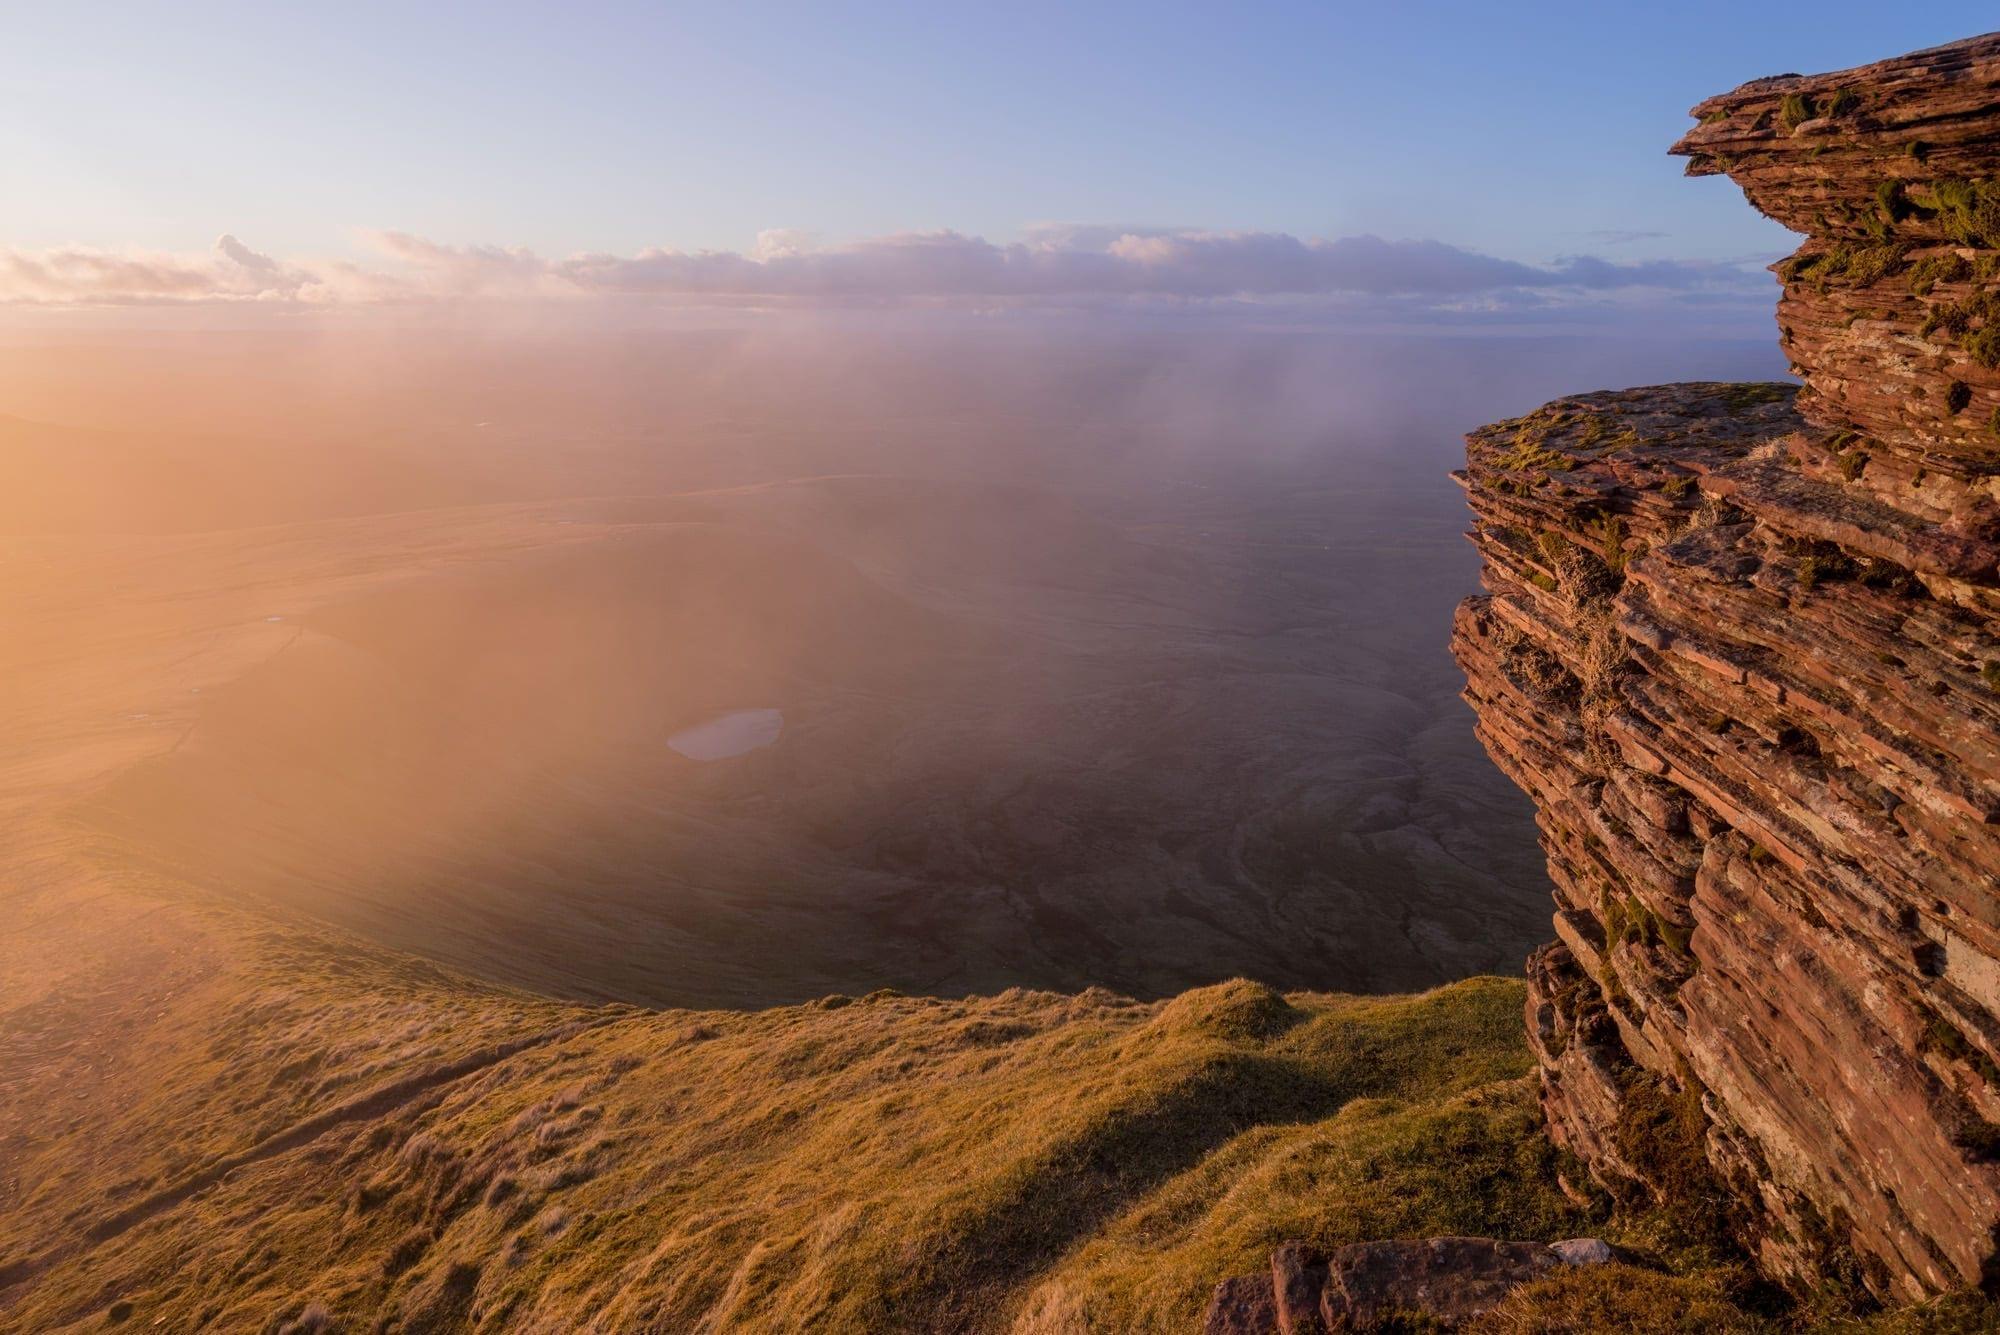 Corn Ddu Sunset - Pen-Y-Fan - Brecon Beacons Photography